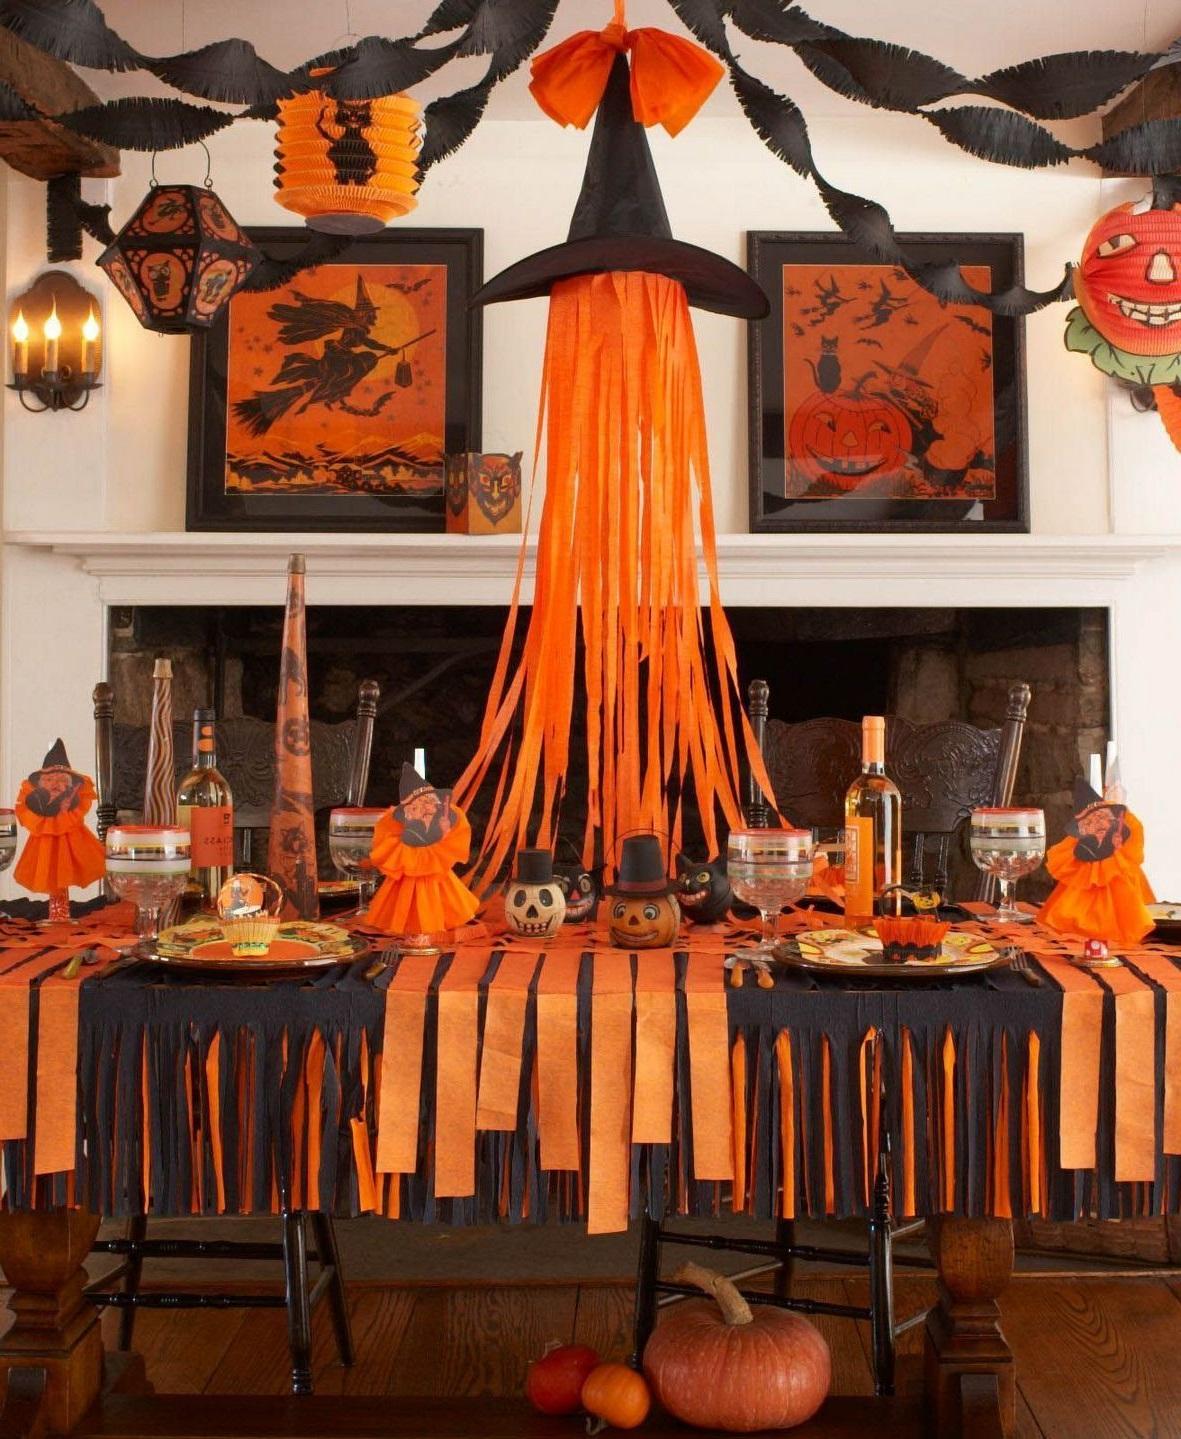 Faites toujour attention à la décoration de votre fête.